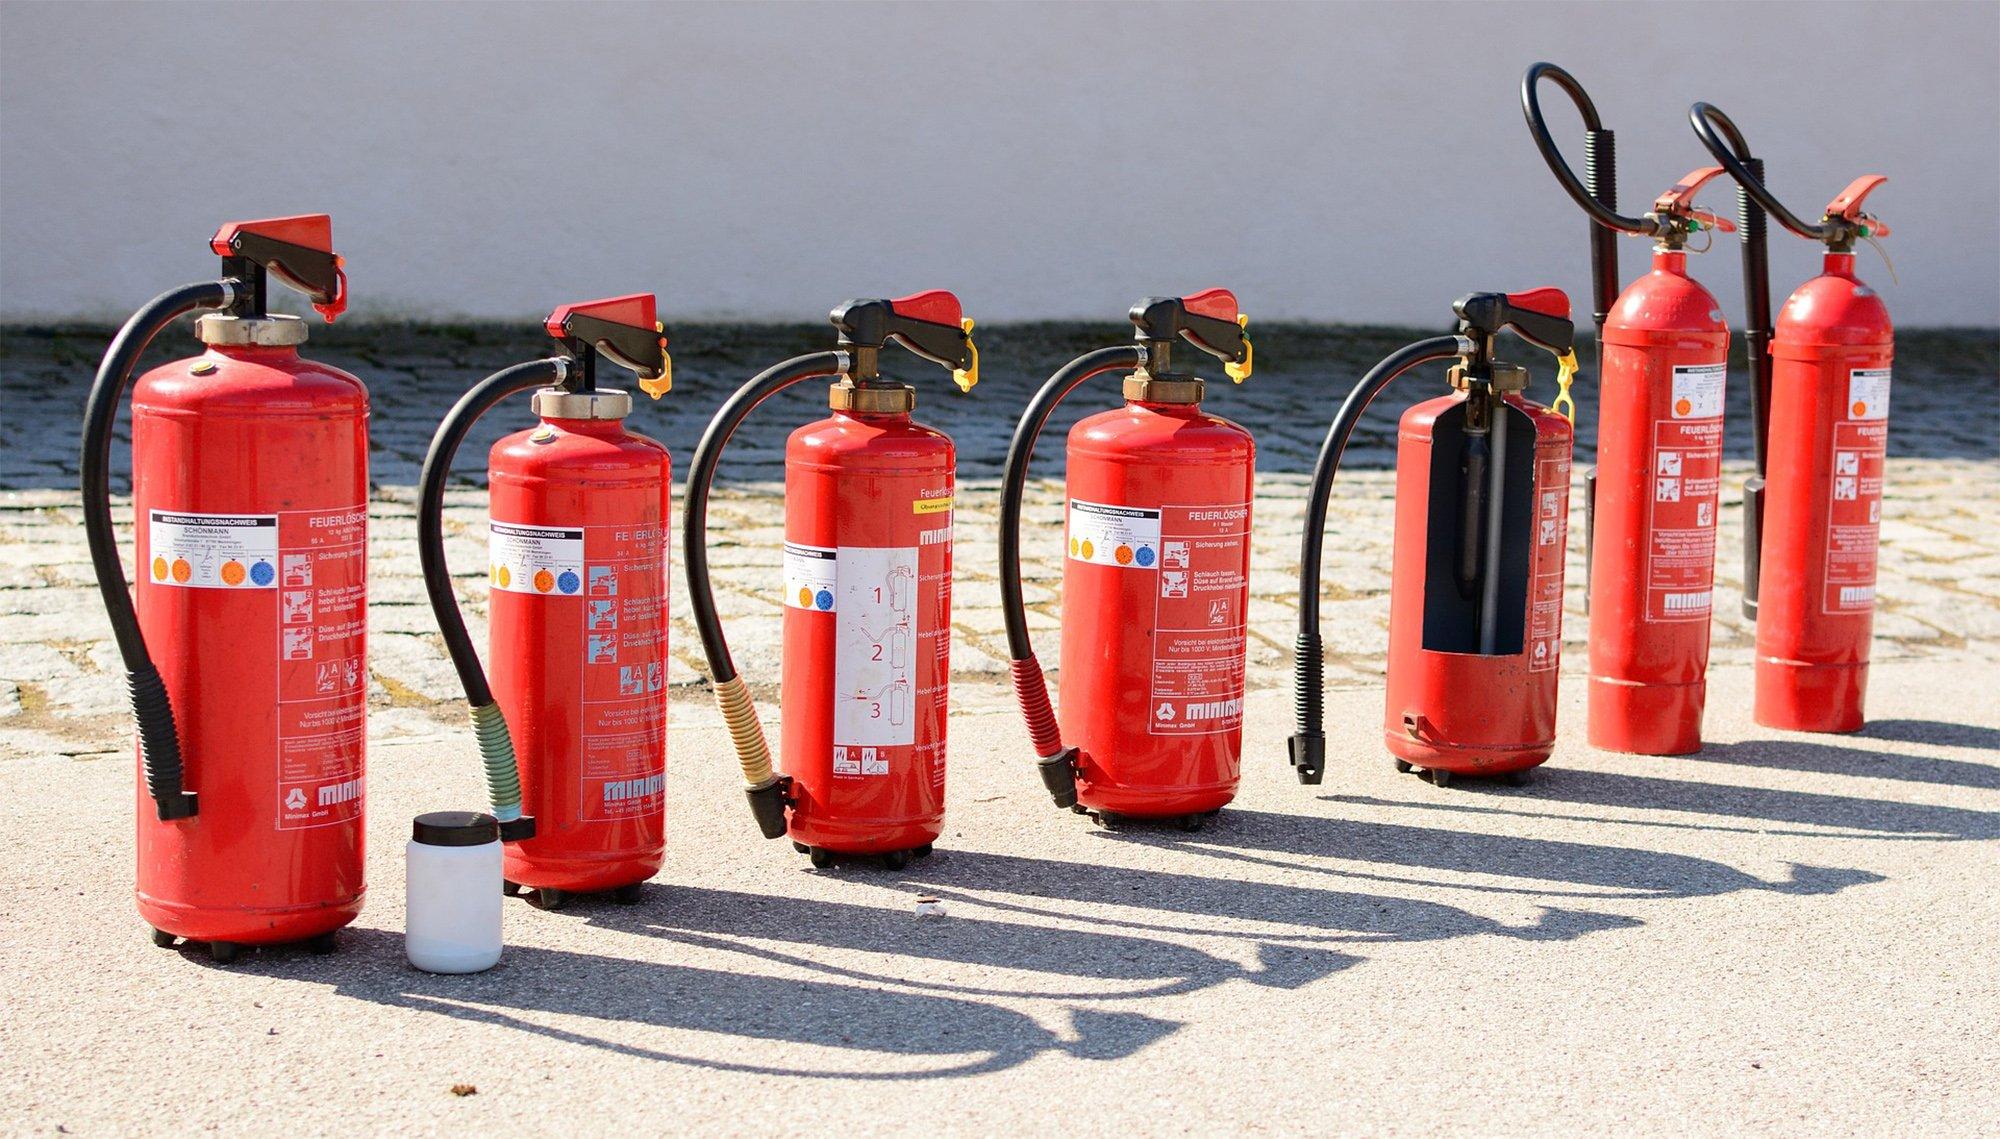 Addetti alla lotta antincendio e Gestione emergenze (RISCHIO BASSO)